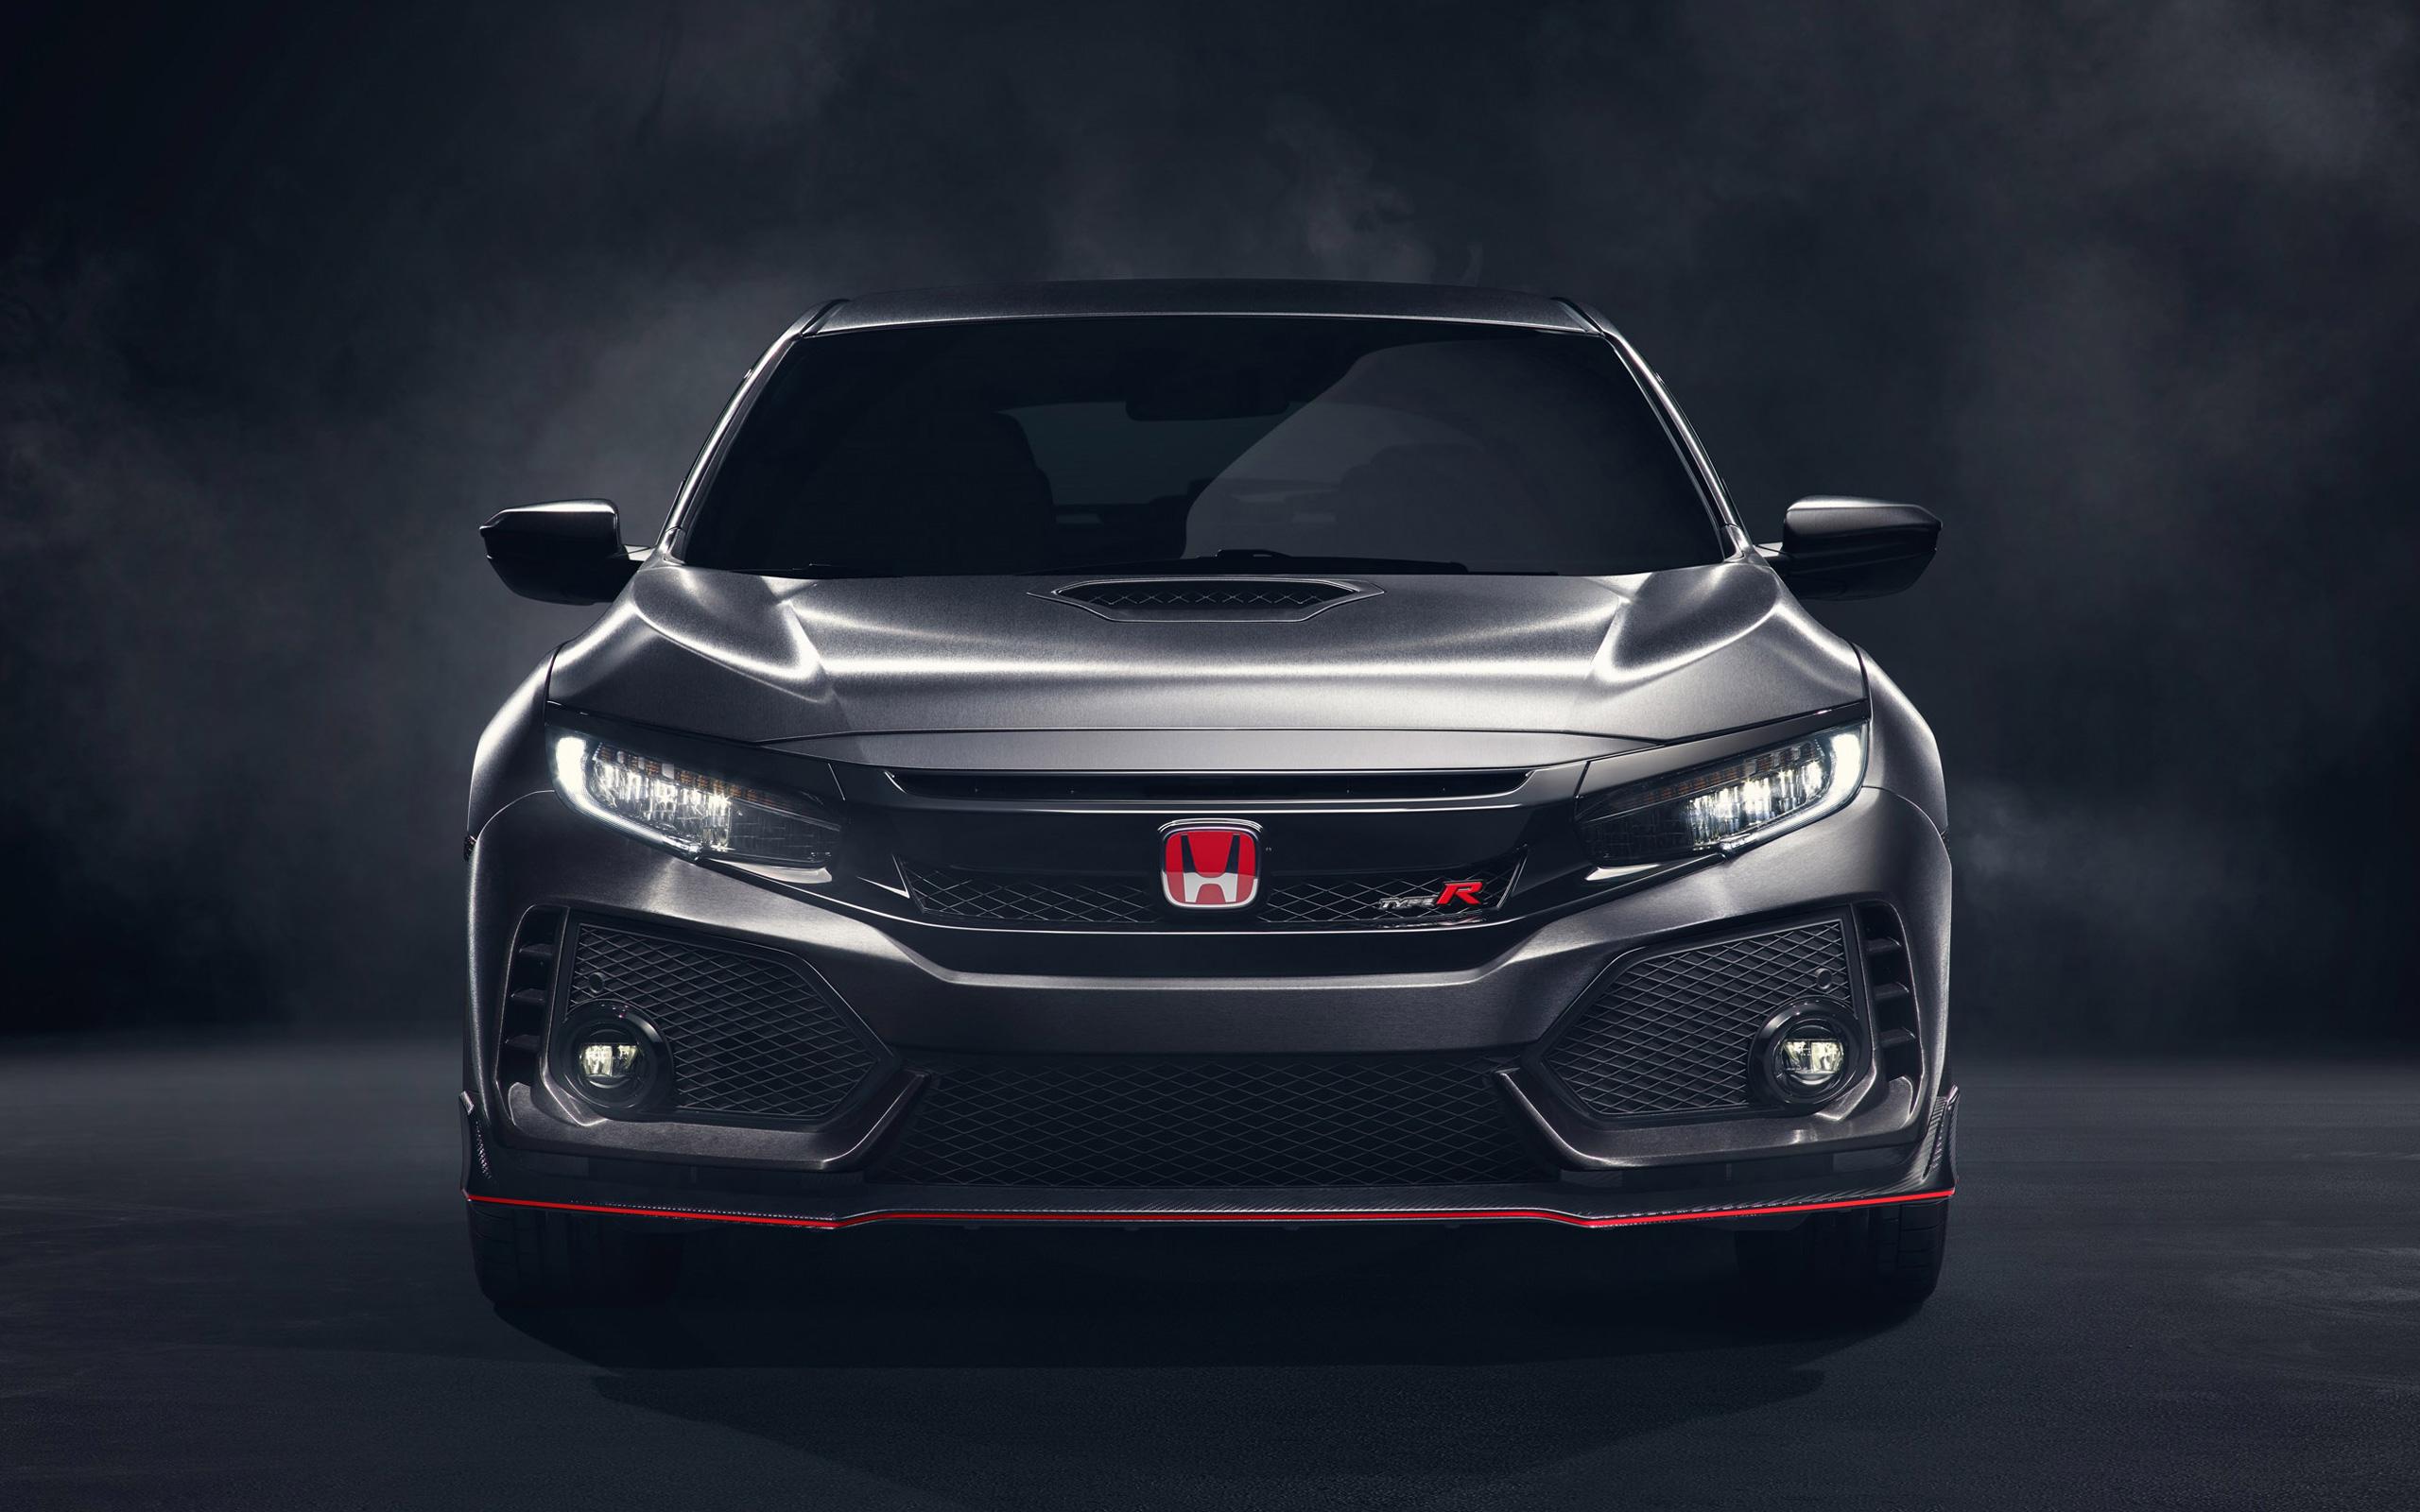 2017 Honda Civic Type R Wallpaper  Hd Car Wallpapers  Id